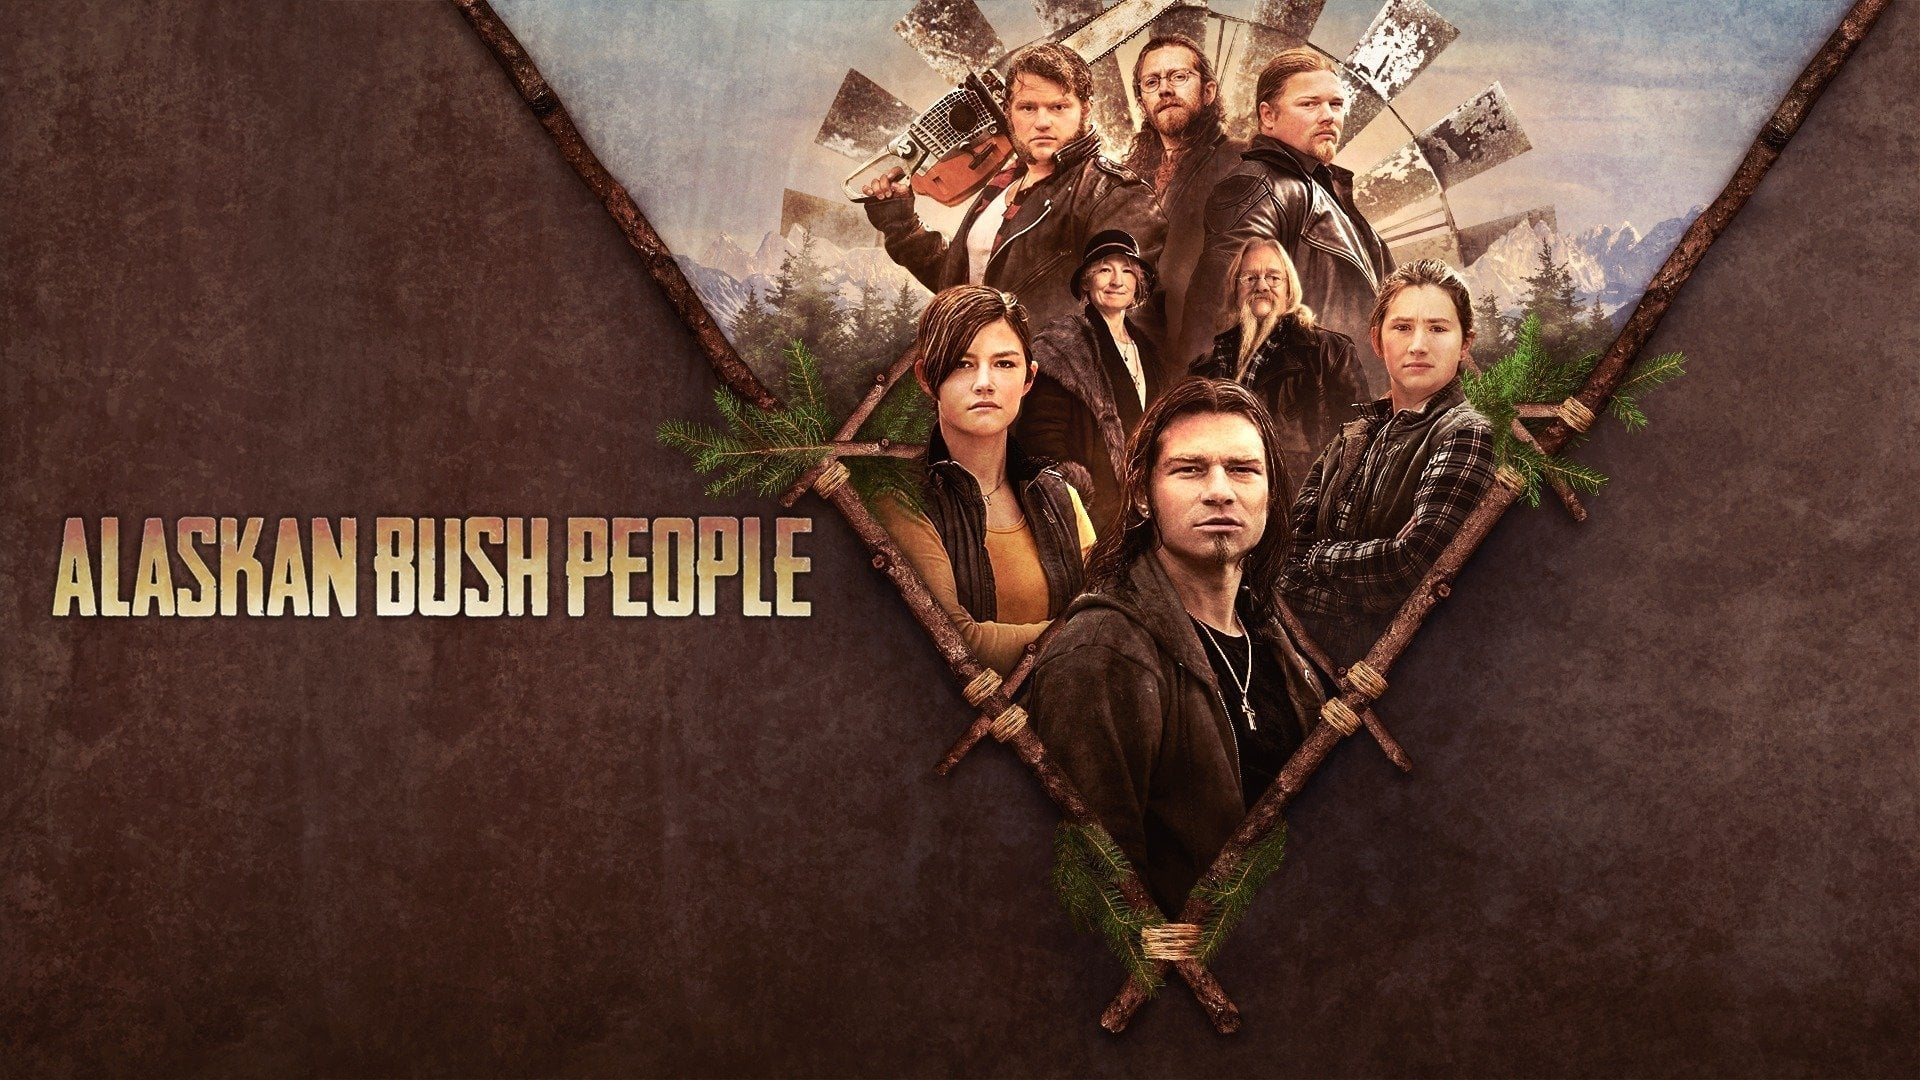 720p~ Alaskan Bush People Season 12 Episode 1